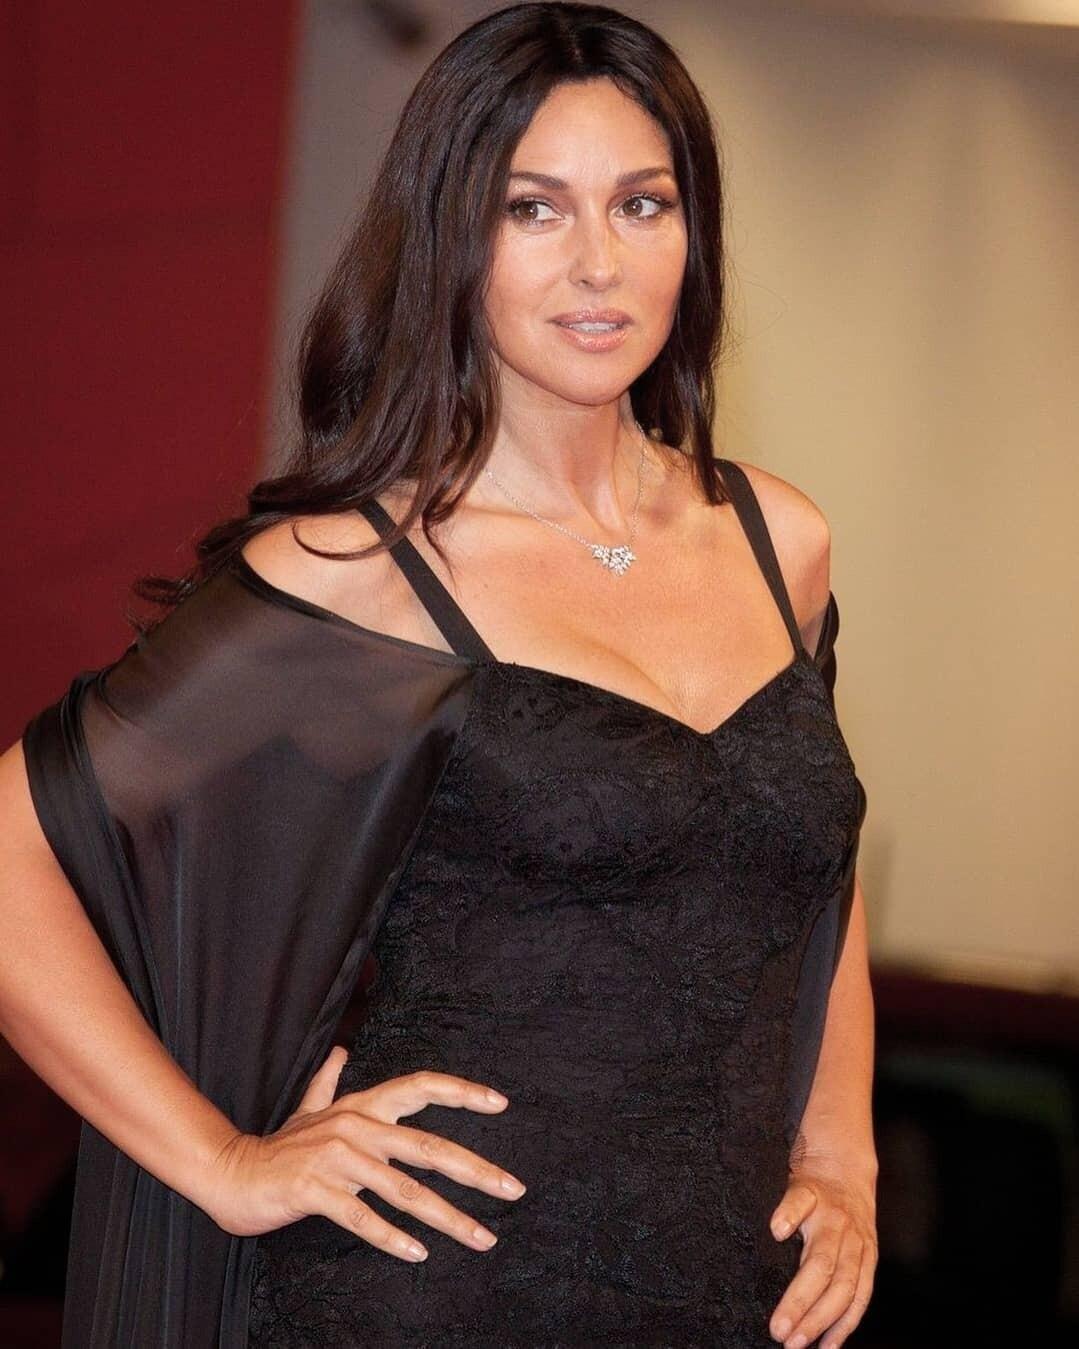 Моника Беллуччи показала фигуру в купальнике (не верим, что ей 54)